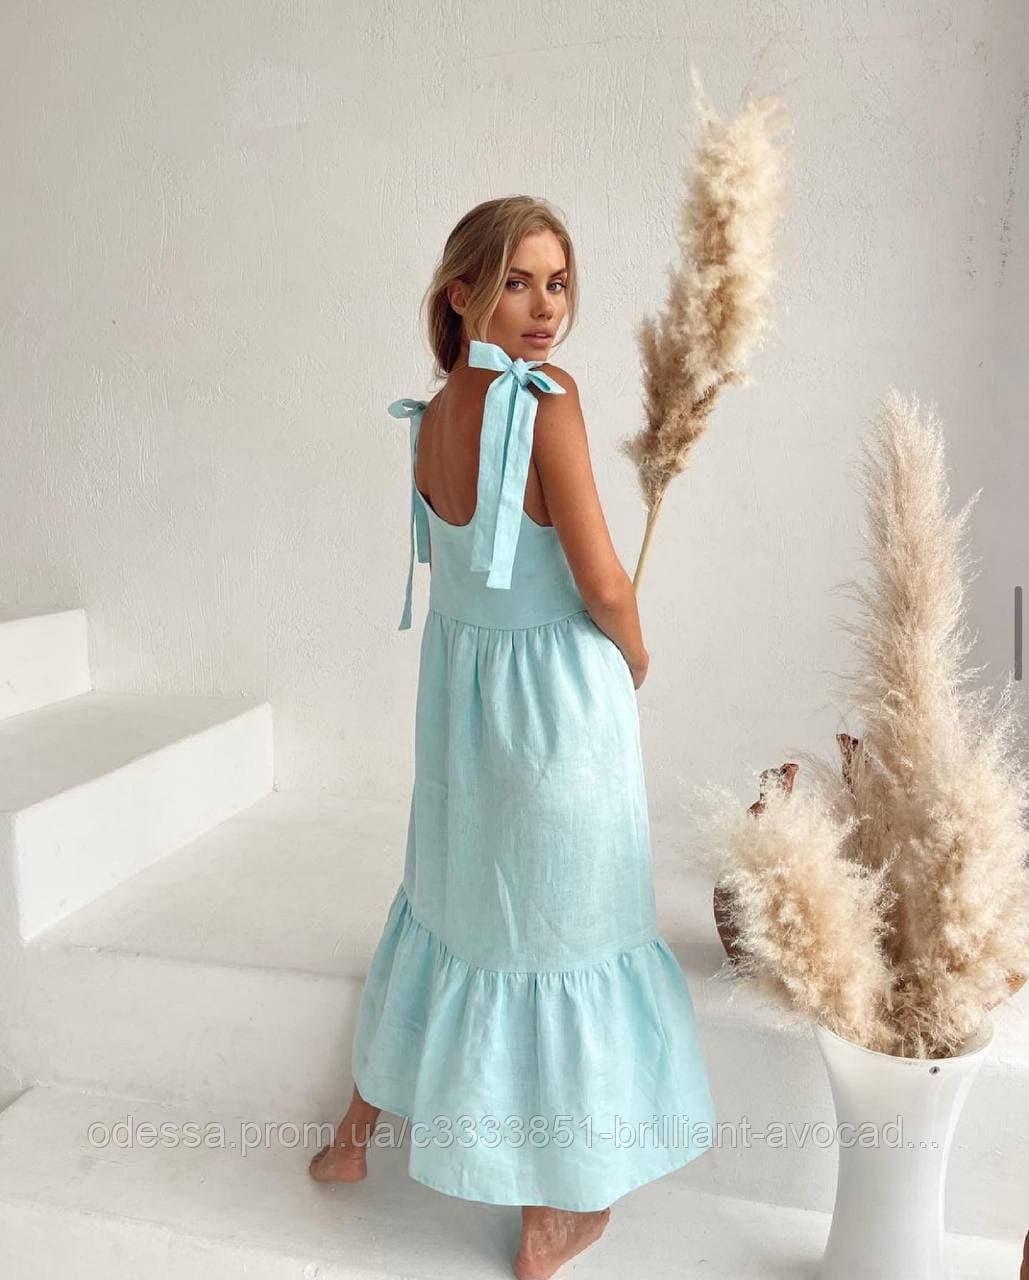 Жіночий річний довгий лляної сарафан з зав'язками на бретельках